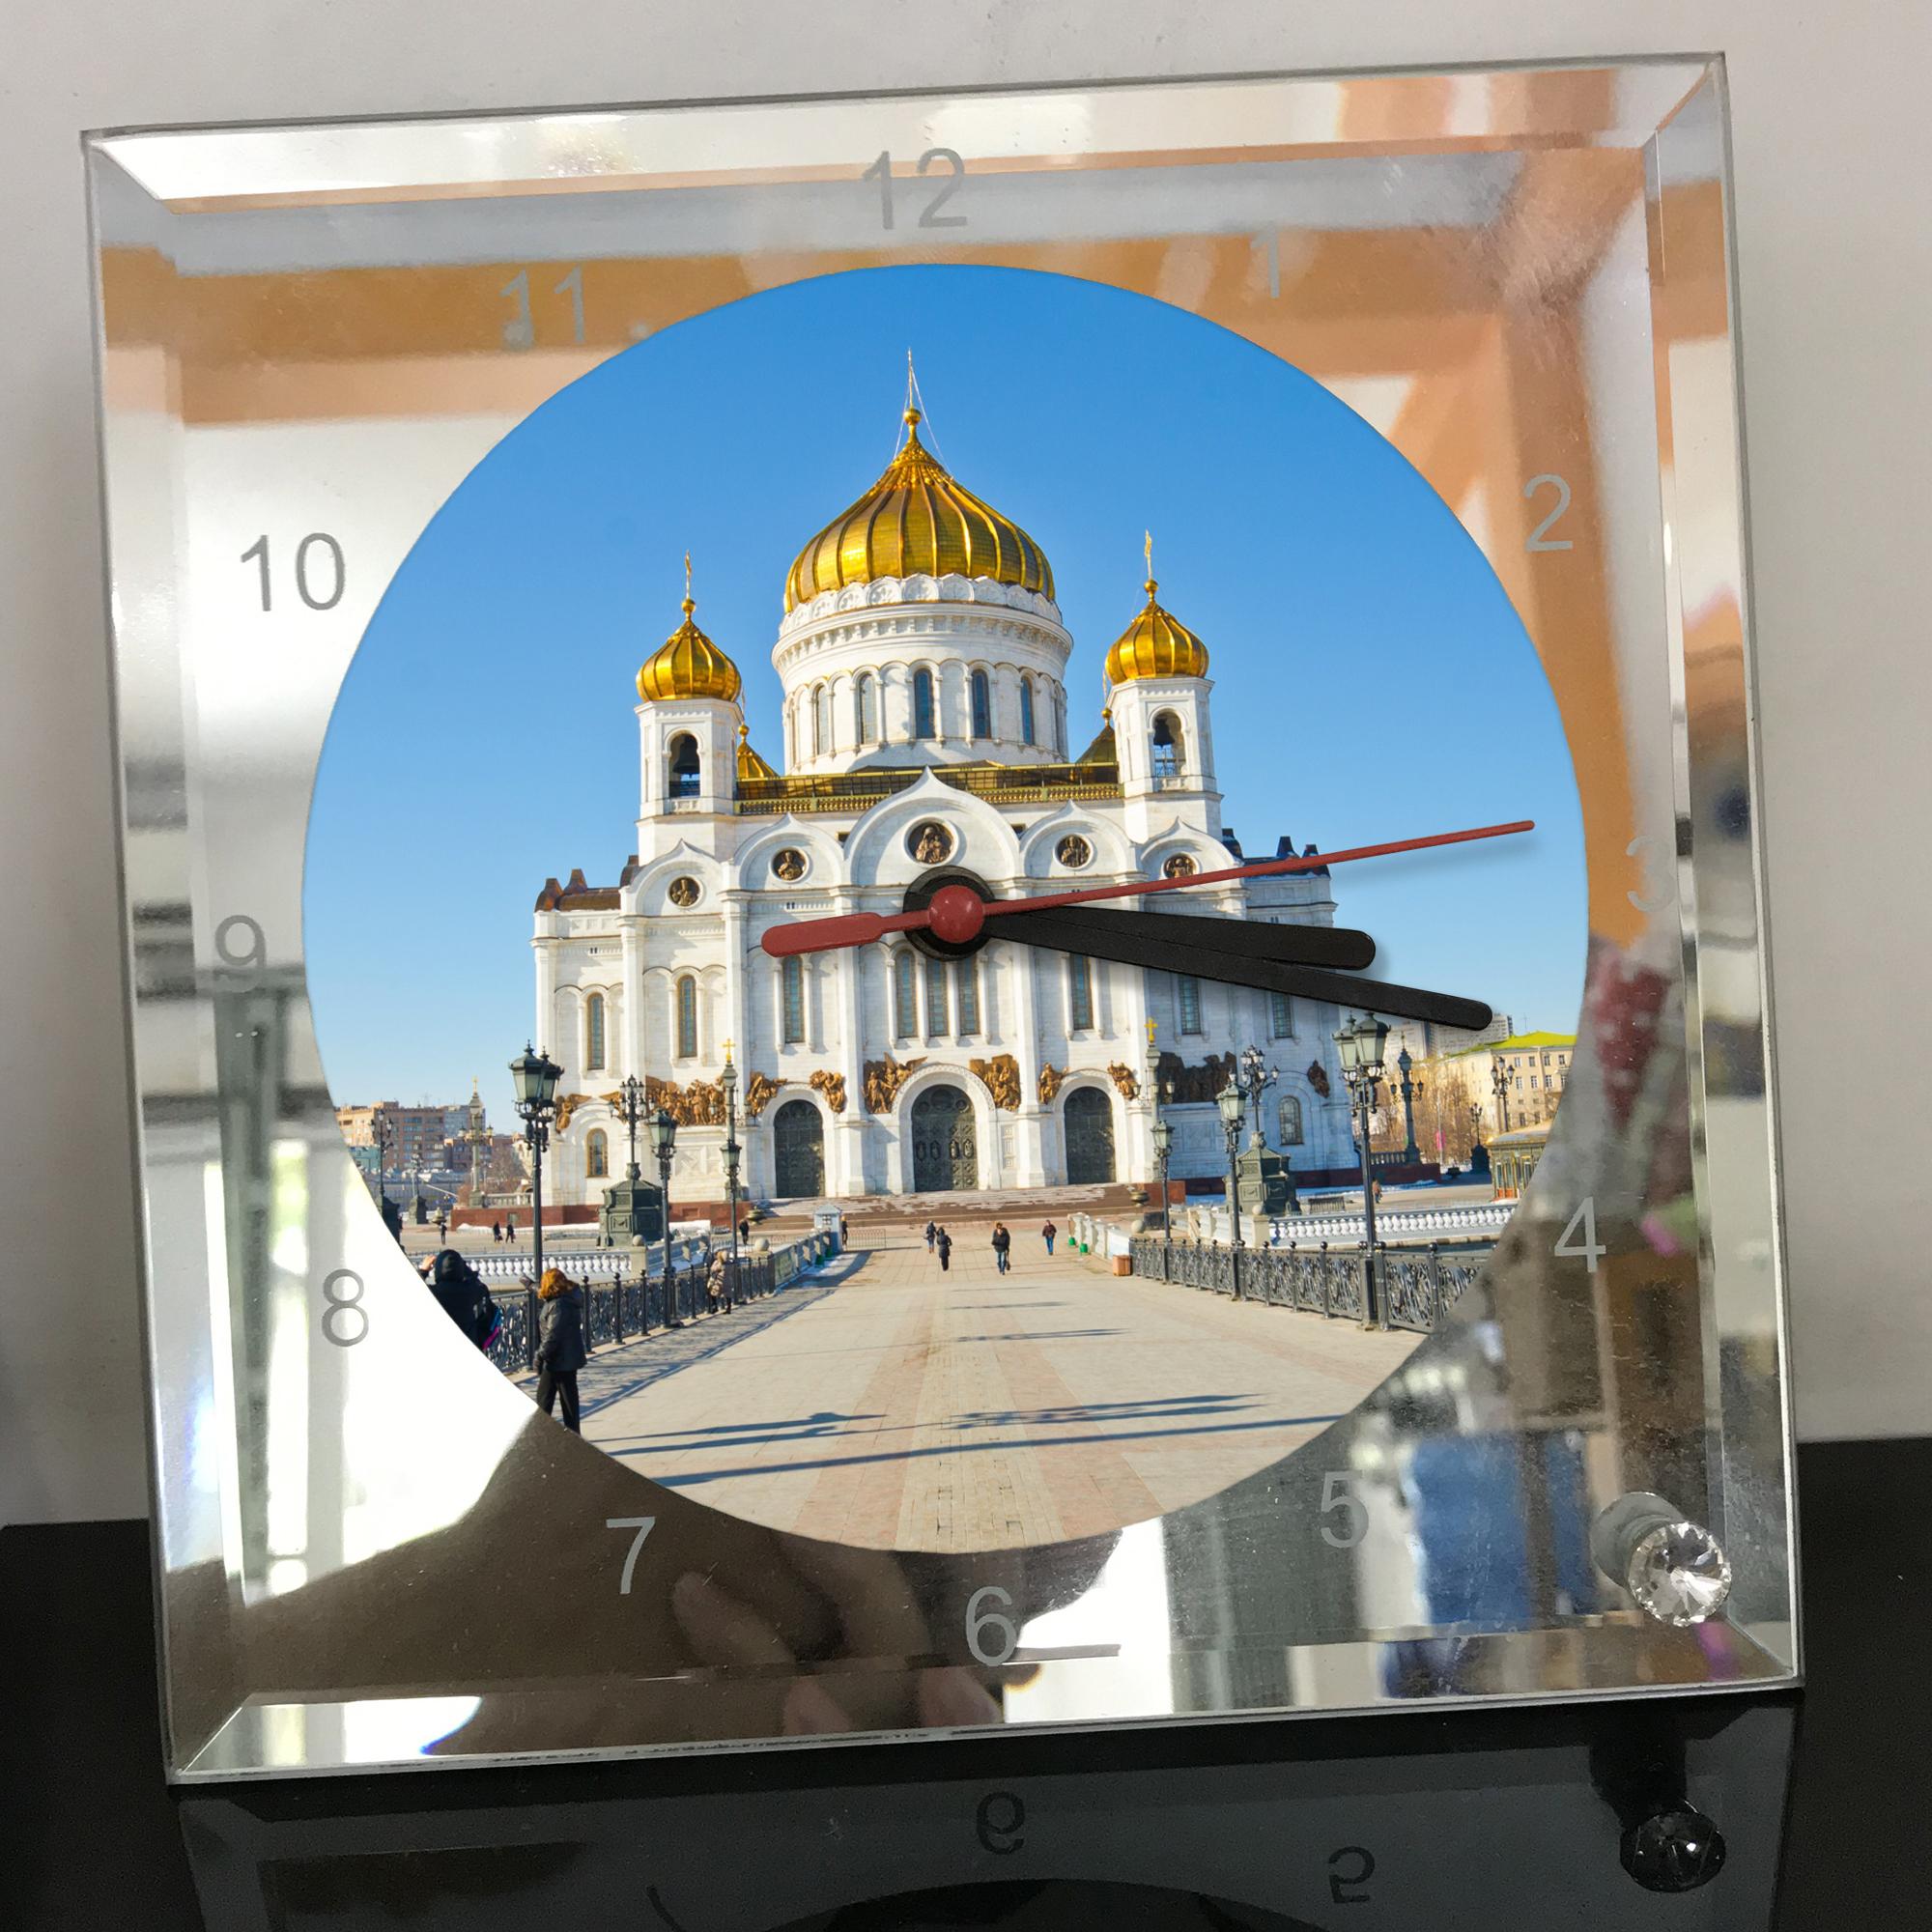 Đồng hồ thủy tinh vuông 20x20 in hình Cathedral Of Christ the saviour (39) . Đồng hồ thủy tinh để bàn trang trí đẹp chủ đề tôn giáo